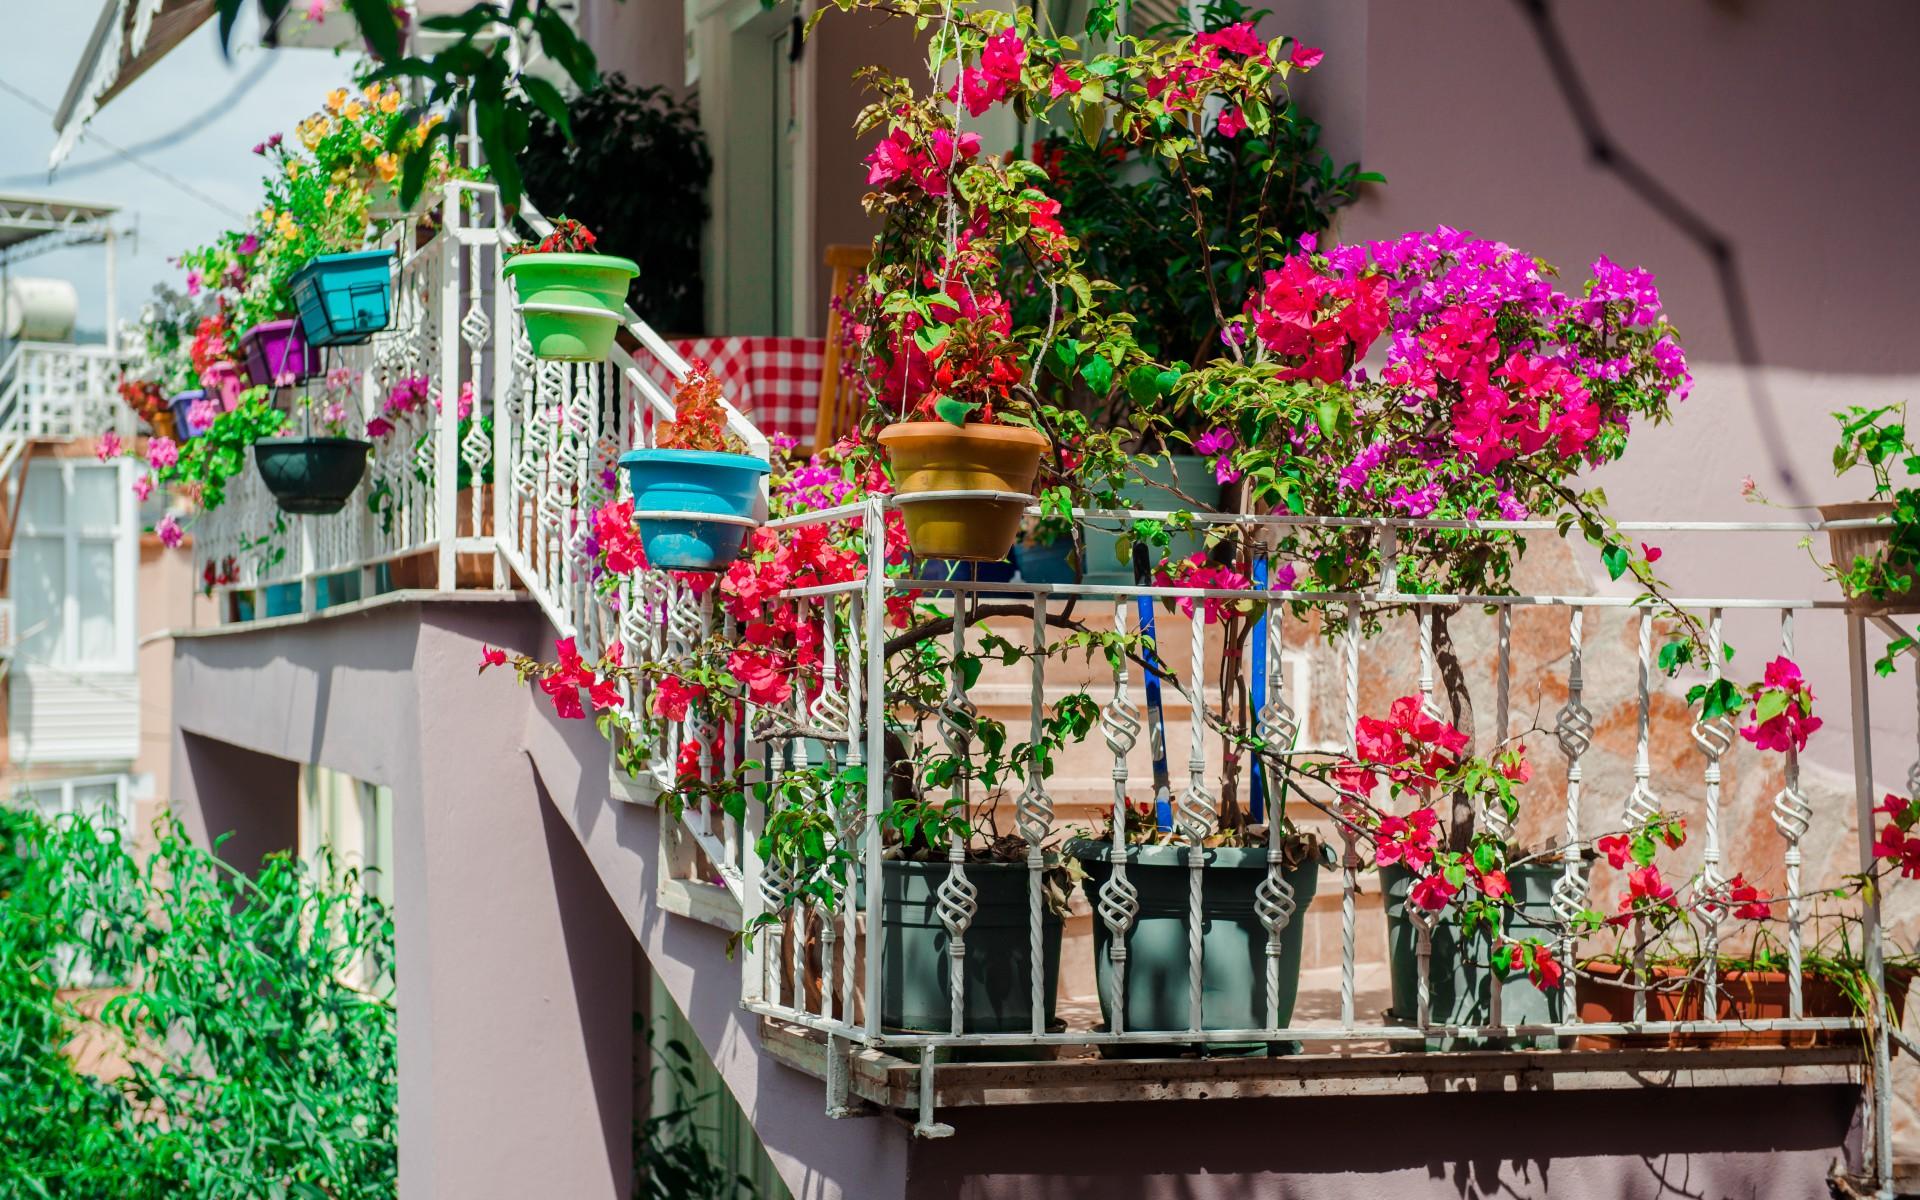 balkon- und dachgärten | garten europa, Gartengerate ideen